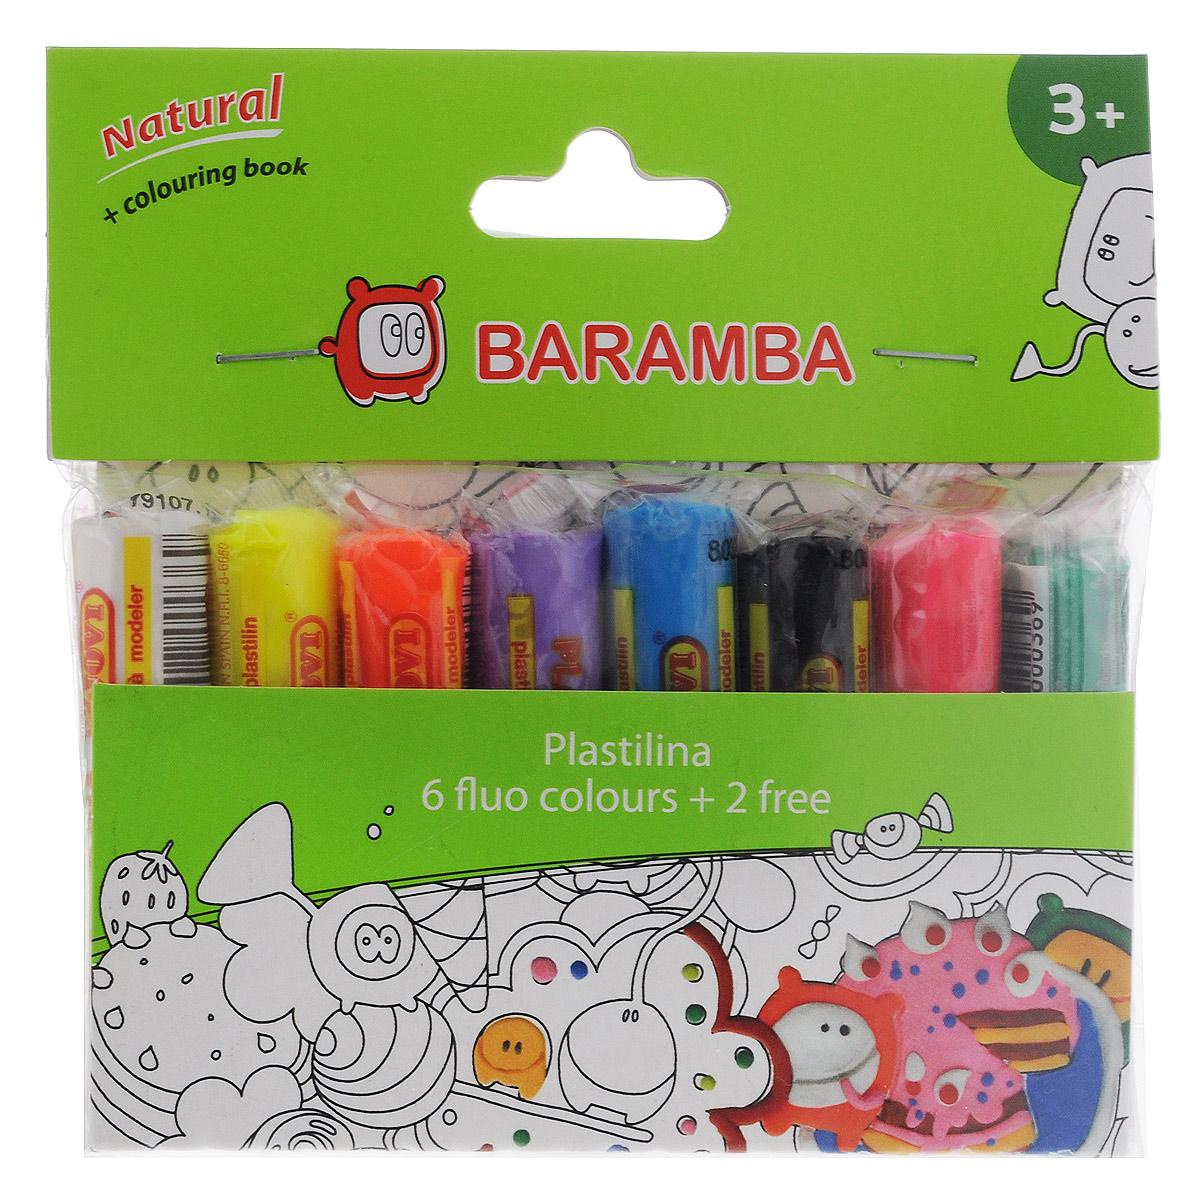 Пластилин на натуральной основе Baramba, с пищевыми красителями, 8 флоурисцветных цветовPlay 8636Пластилин Baramba это отличная возможность познакомить ребенка с еще одним из видов изобразительного творчества, в котором создаются объемные образы и целые композиции. В набор входит пластилин 8 ярких цветов (белый, желтый, оранжевый, фиолетовый, голубой, черный, розовый, зеленый), раскраскаЦвета пластилина легко смешиваются между собой, и таким образом можно получить новые оттенки. Пластилин на растительной основе имеет яркие, красочные цвета и не липнет к рукам, не сохнет.Техника лепки богата и разнообразна, но при этом доступна даже маленьким детям. Занятие лепкой не только увлекательно, но и полезно для ребенка. Оно способствует развитию творческого и пространственного мышления, восприятия формы, фактуры, цвета и веса, развивает воображение и мелкую моторику.